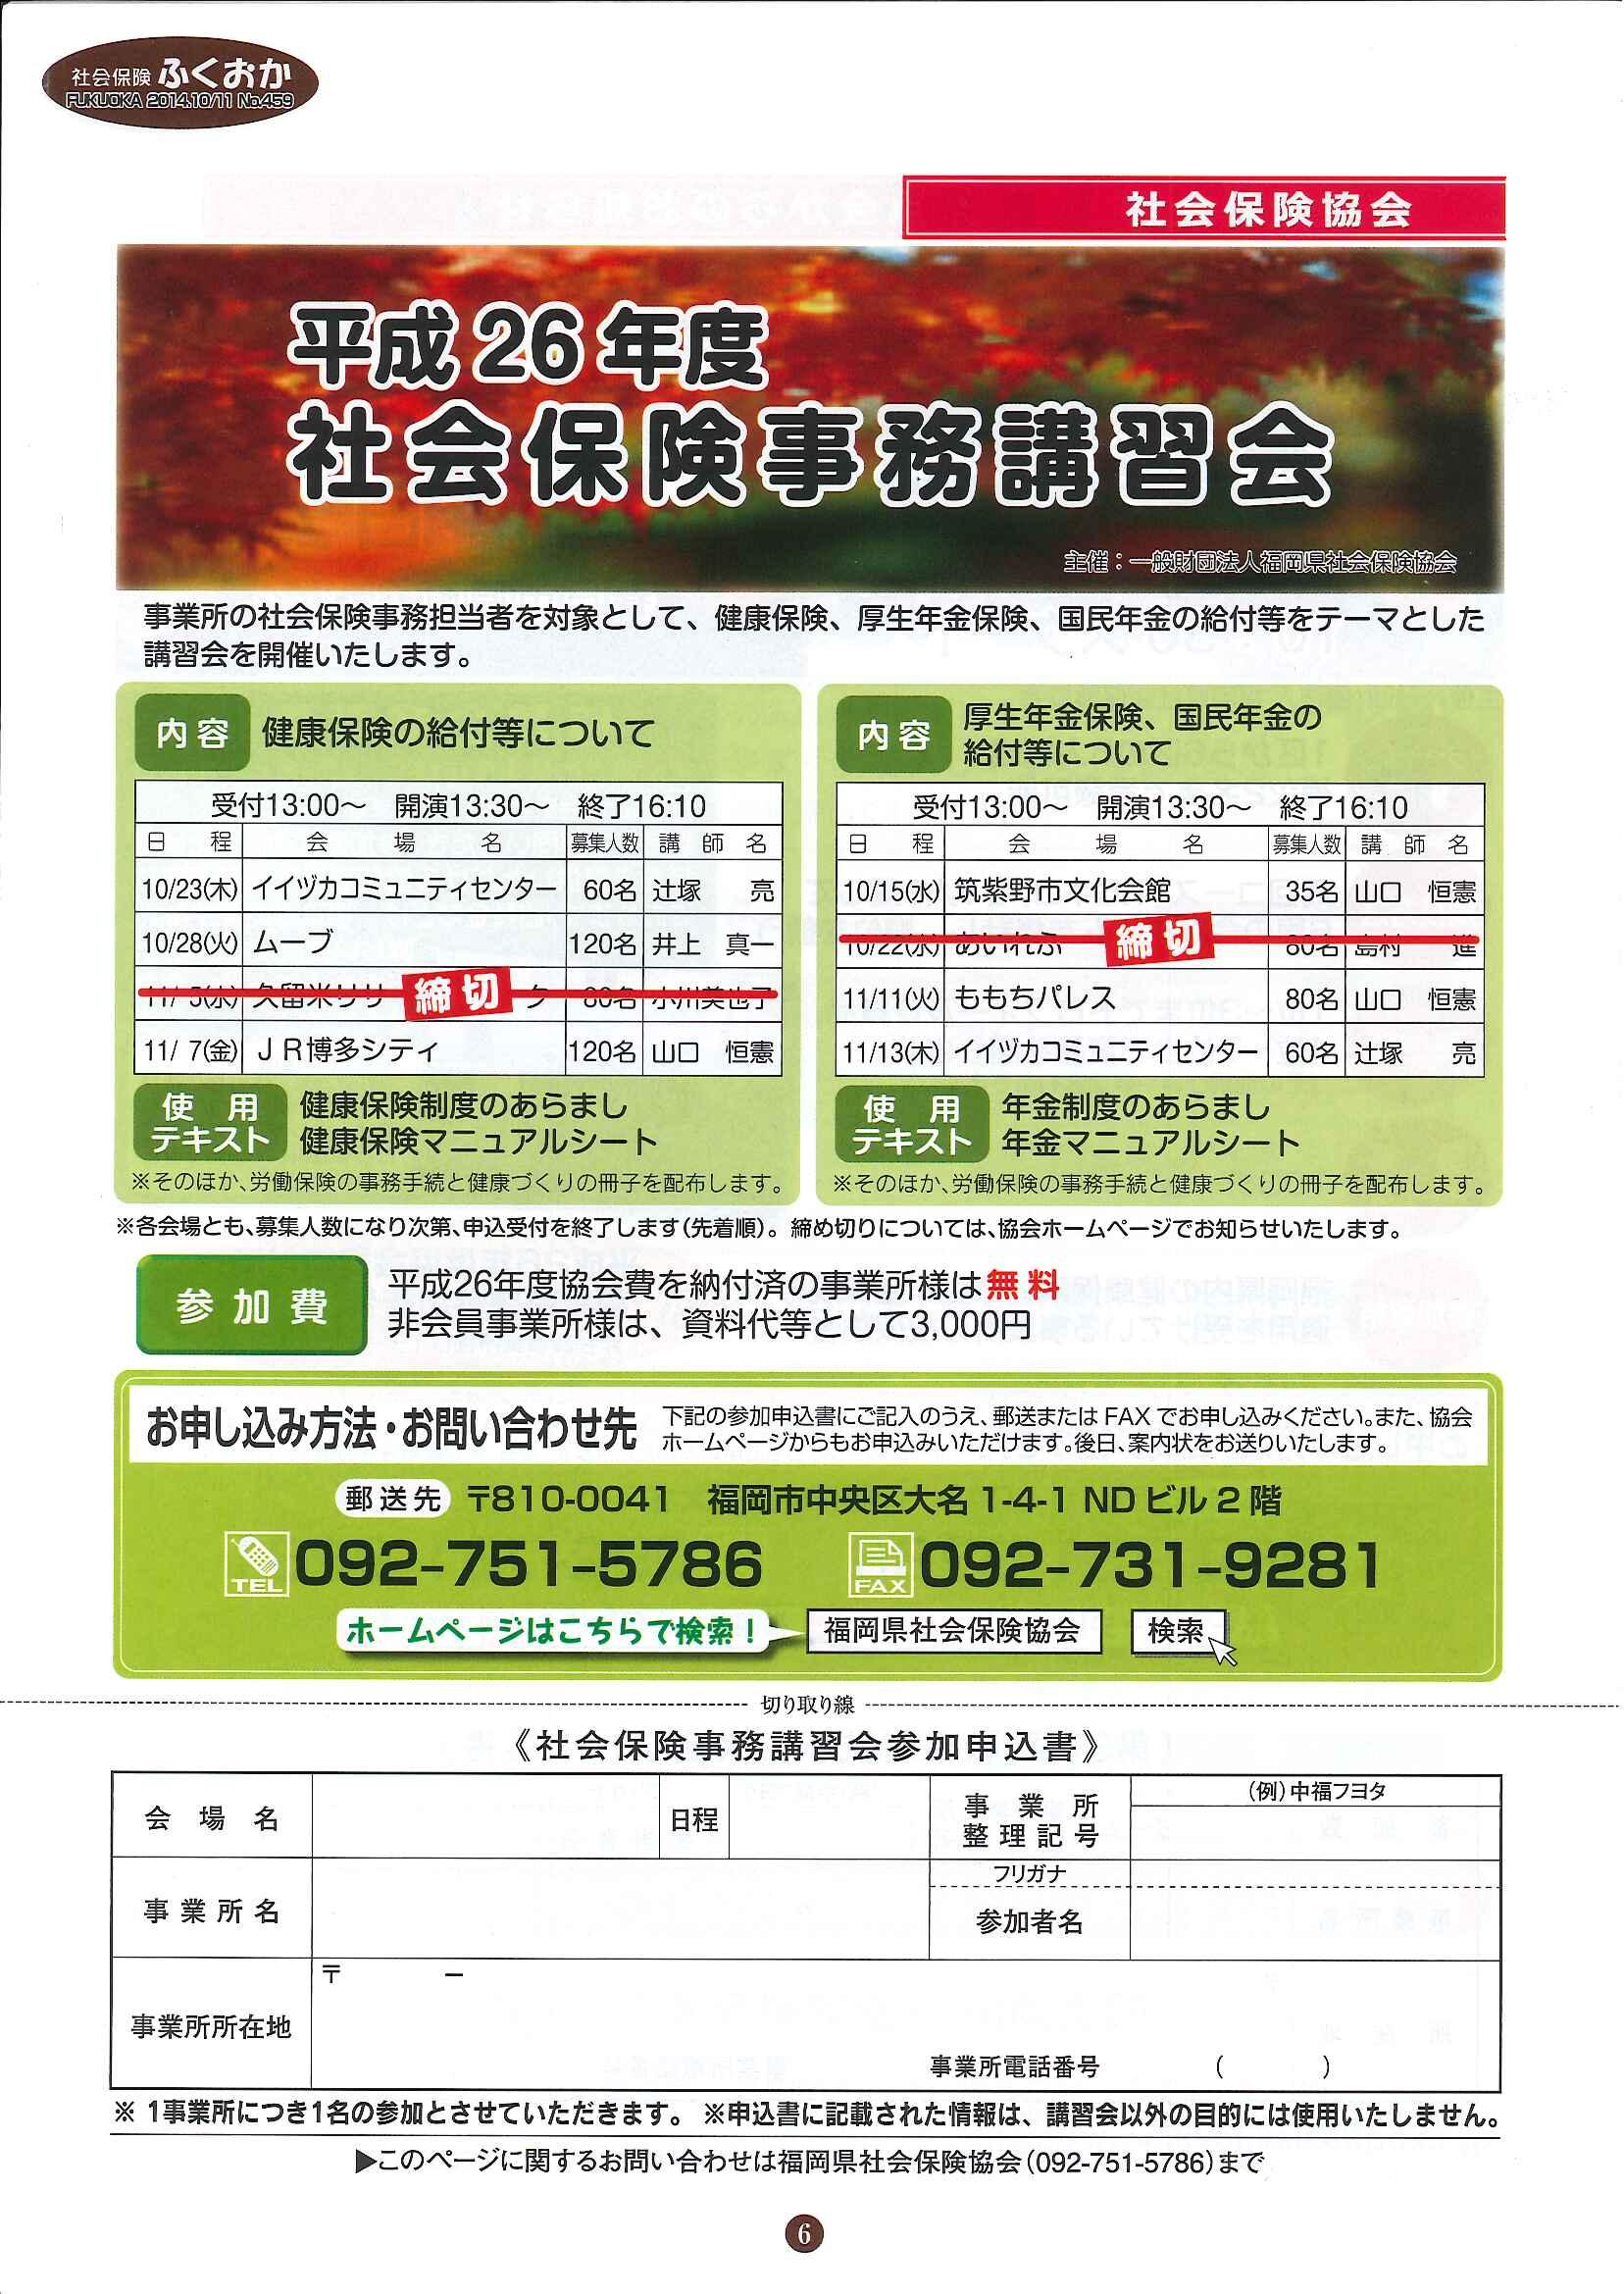 社会保険 「ふくおか」 2014年10・11月号_f0120774_150789.jpg